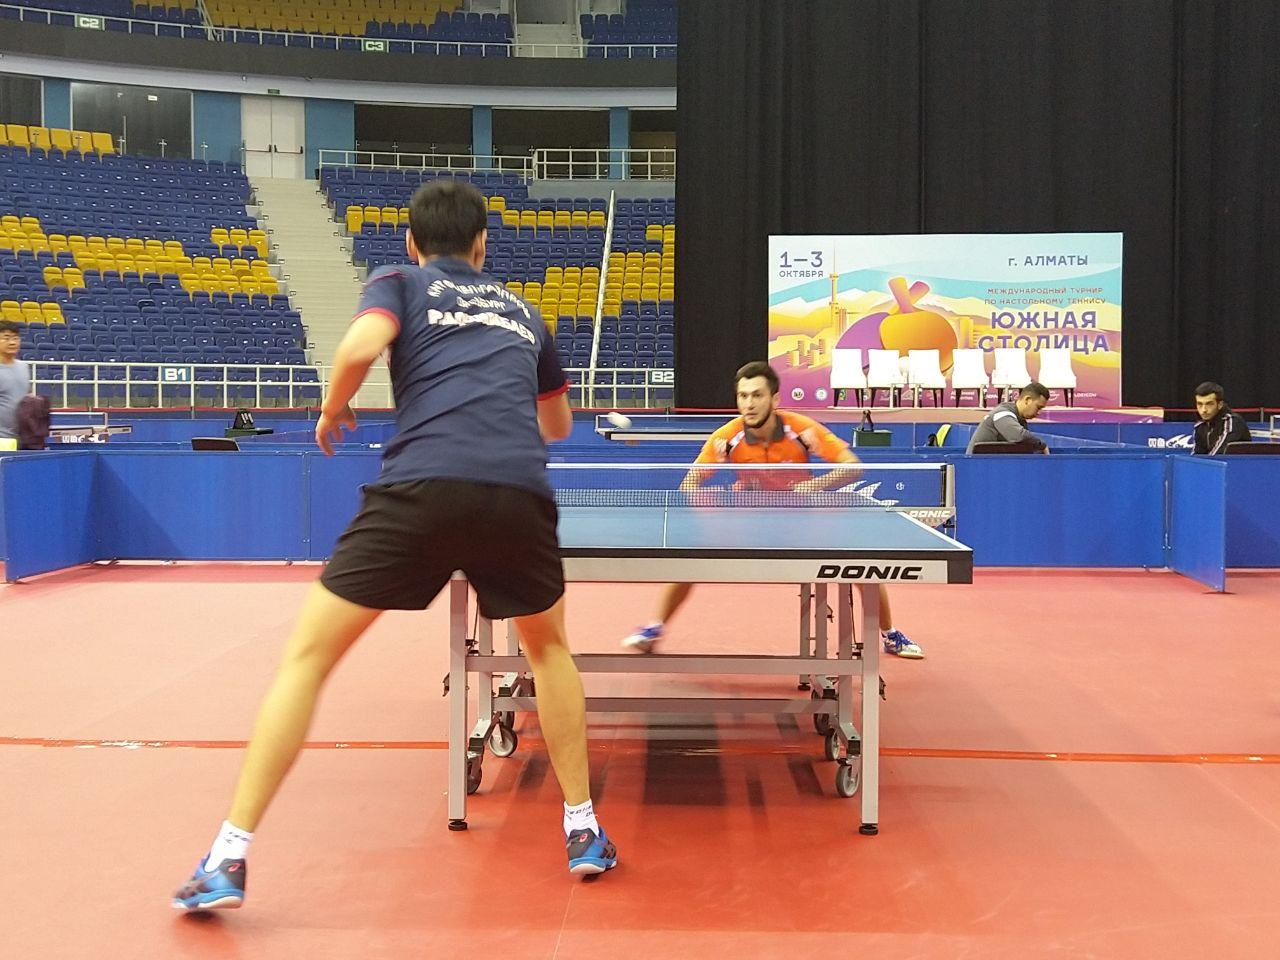 Определились полуфиналисты турнира по настольному теннису «Южная столица» среди мужчин